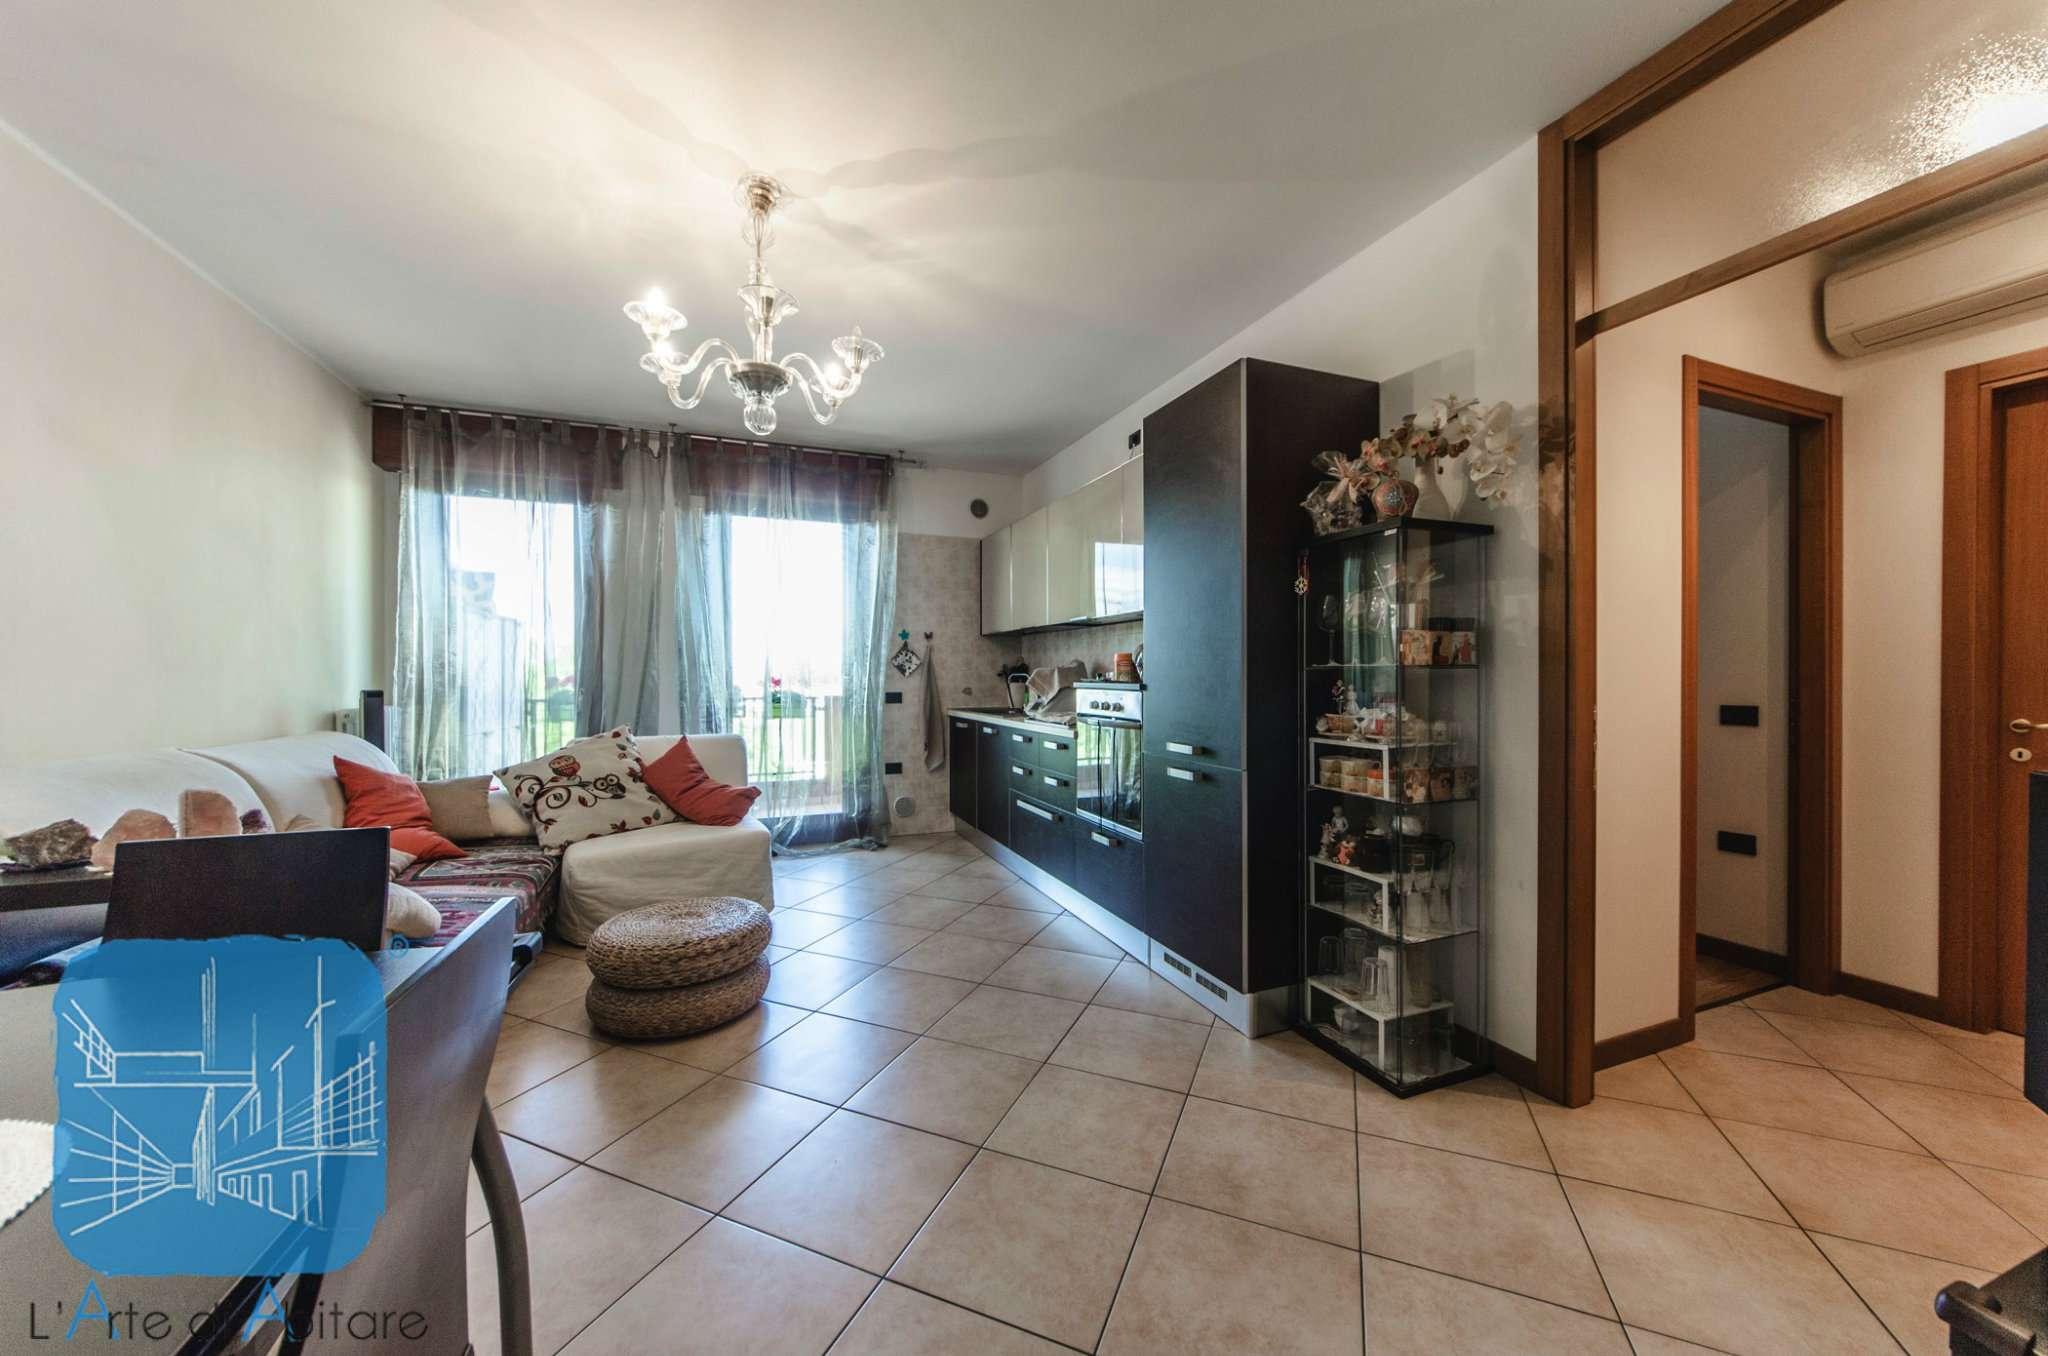 Appartamento in vendita a Piove di Sacco, 3 locali, prezzo € 87.000 | Cambio Casa.it